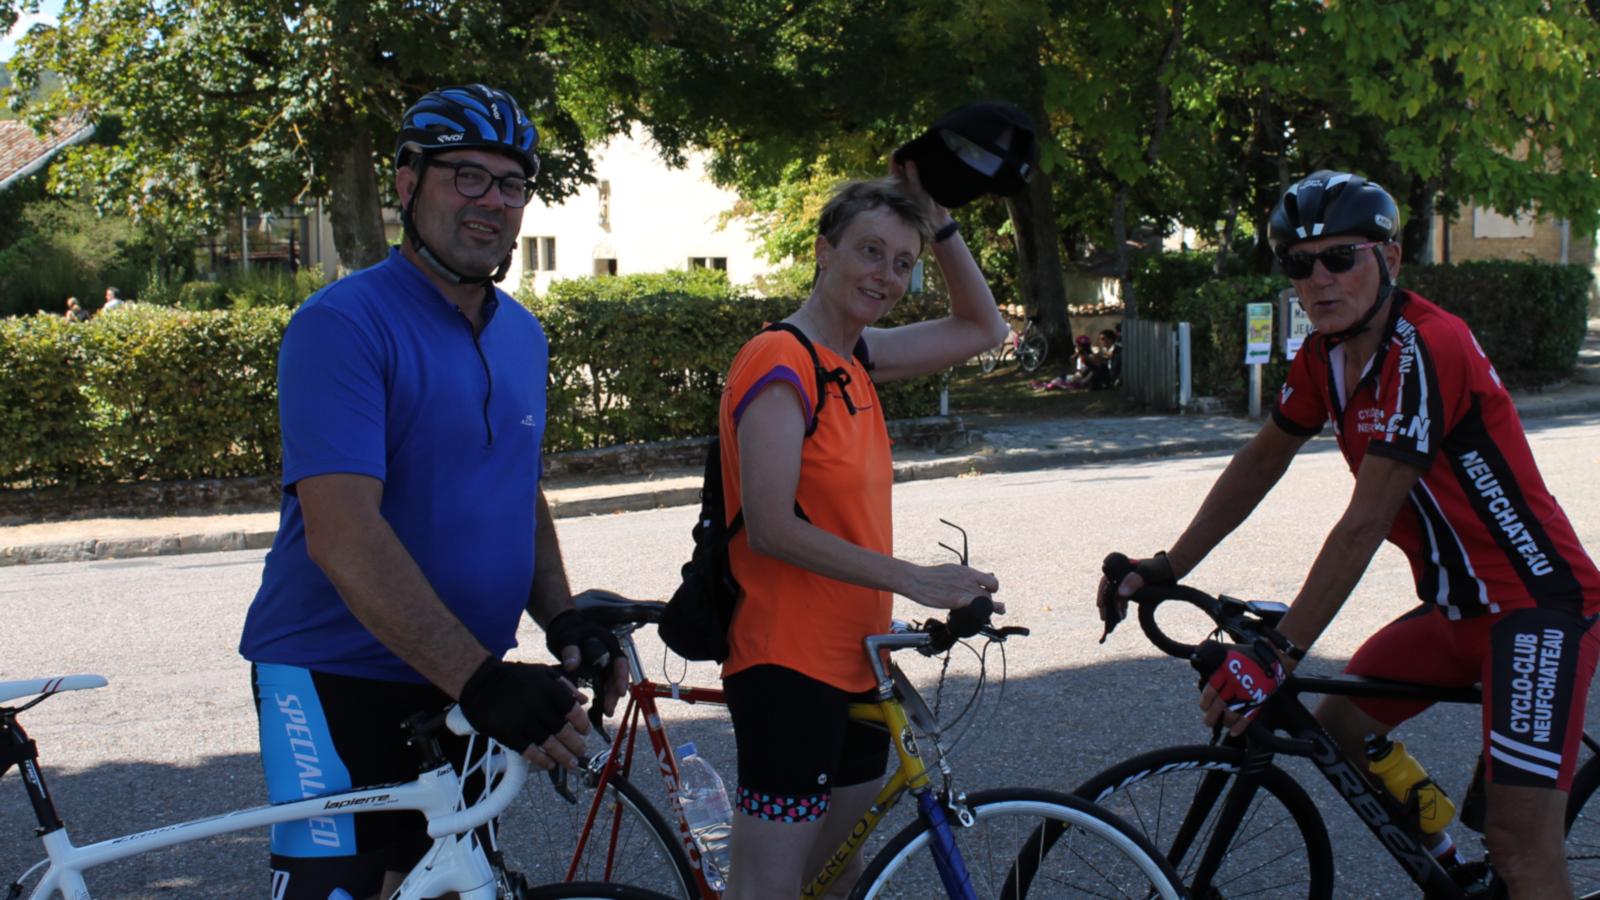 Les Folles Journées du Vélo